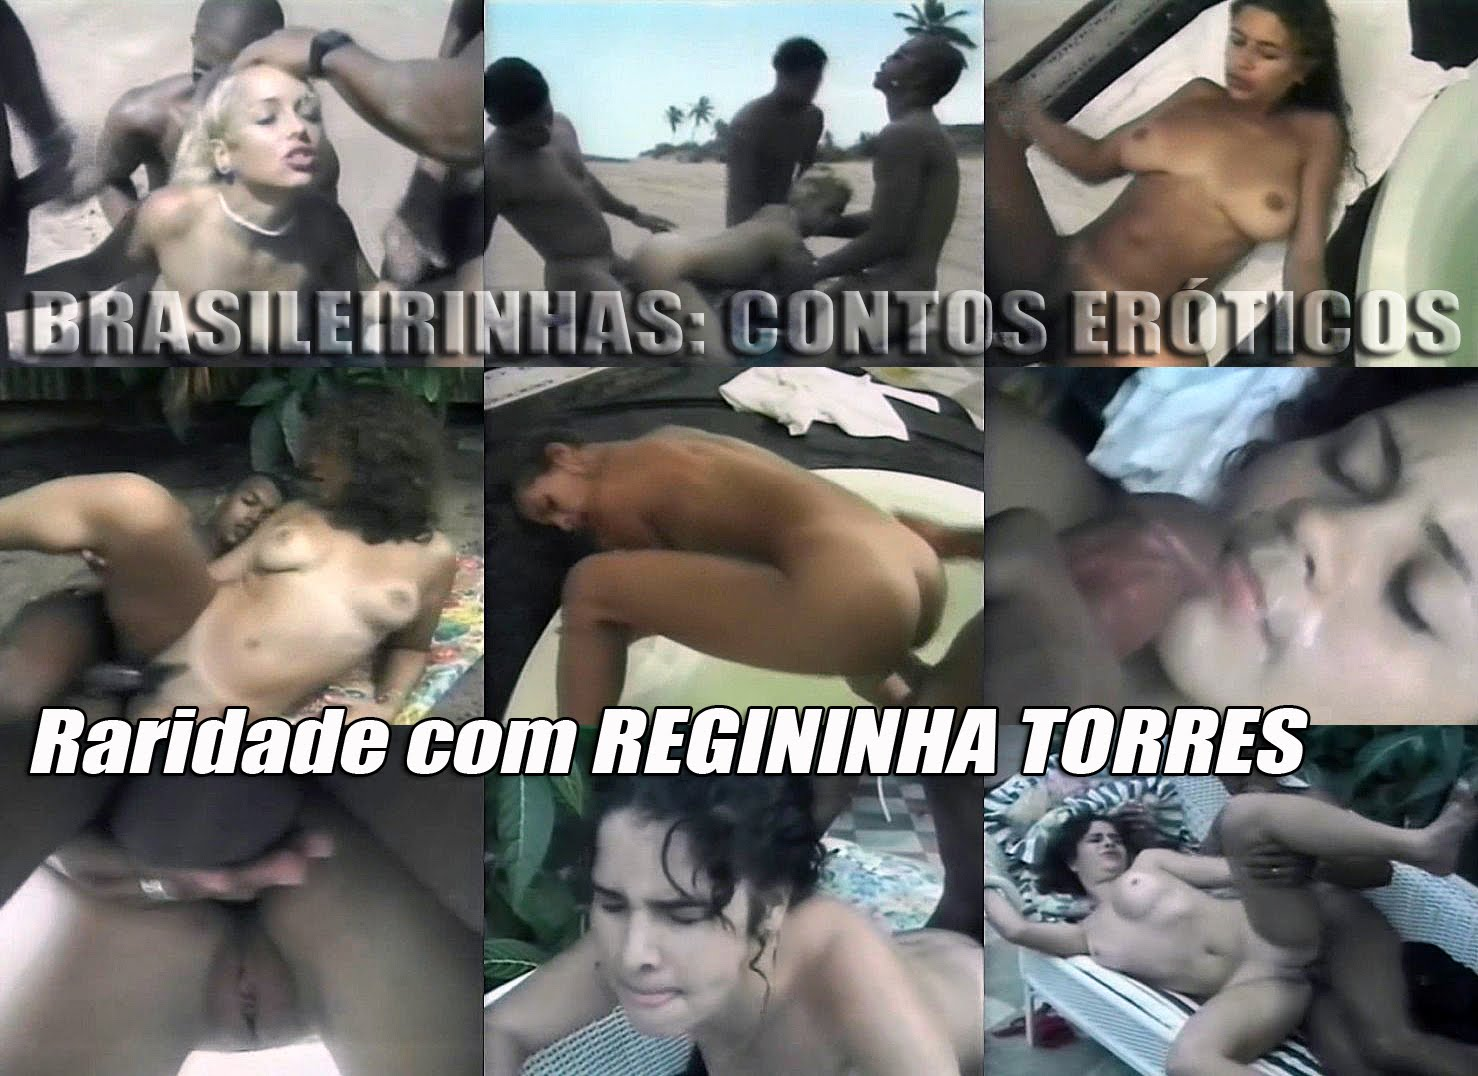 RARIDADE - Brasileirinhas: Contos Eróticos